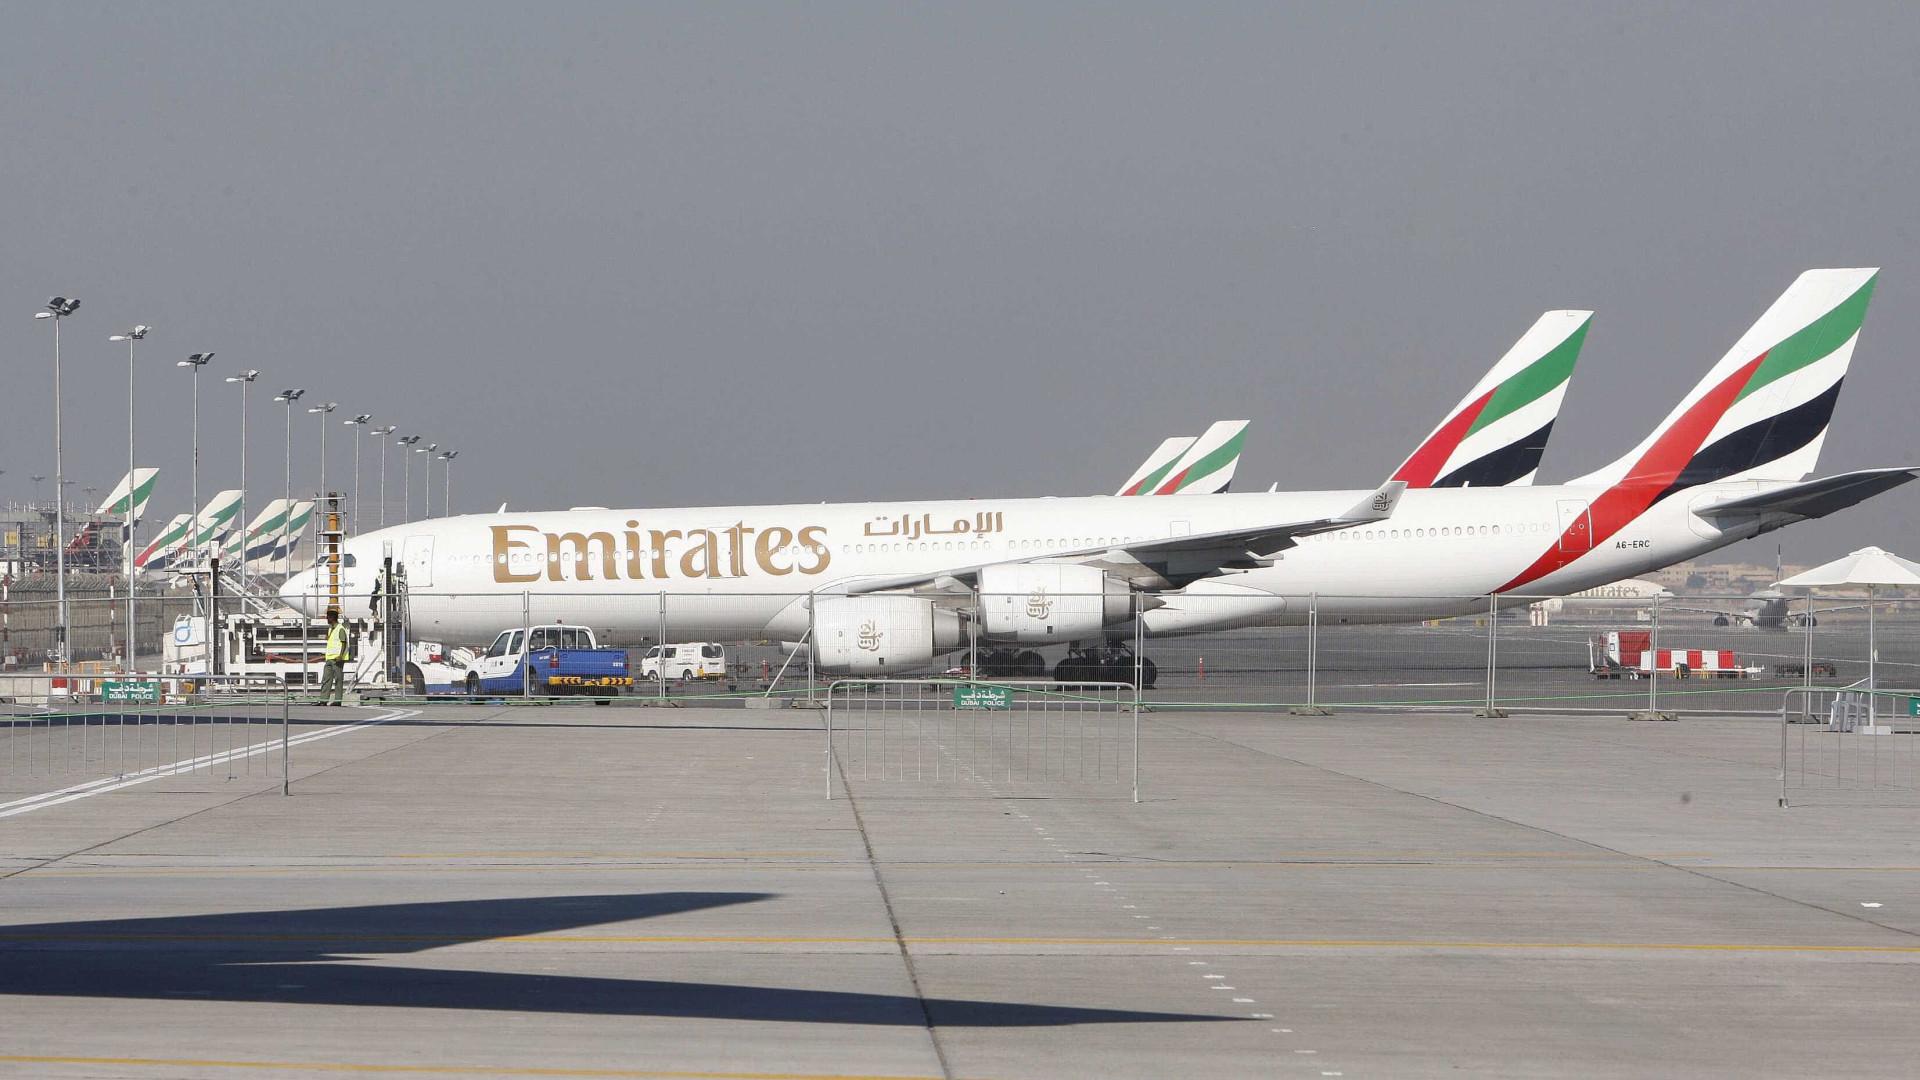 Emirates alvo de críticas após viajar com passageiros doentes a bordo